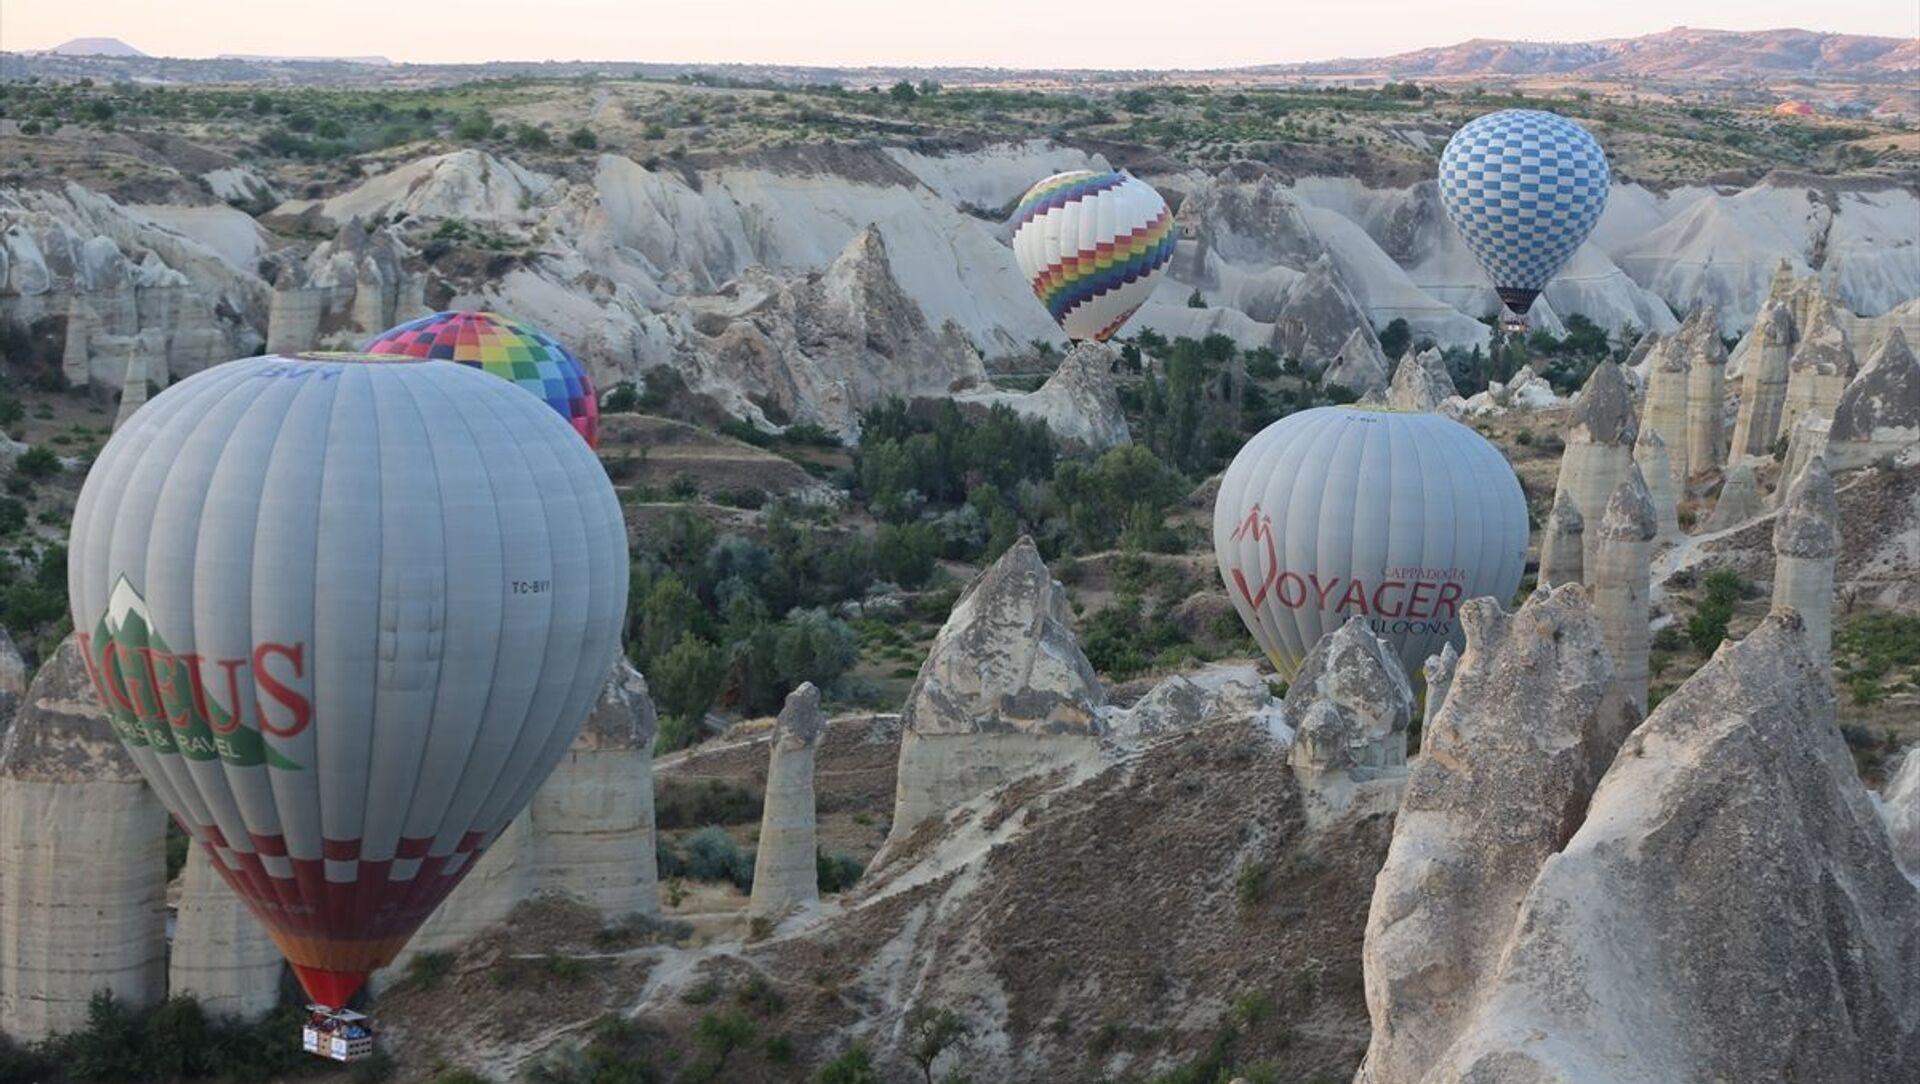 Kapadokya'da balon turları 5 ay sonra yeniden başladı - Sputnik Türkiye, 1920, 05.07.2021